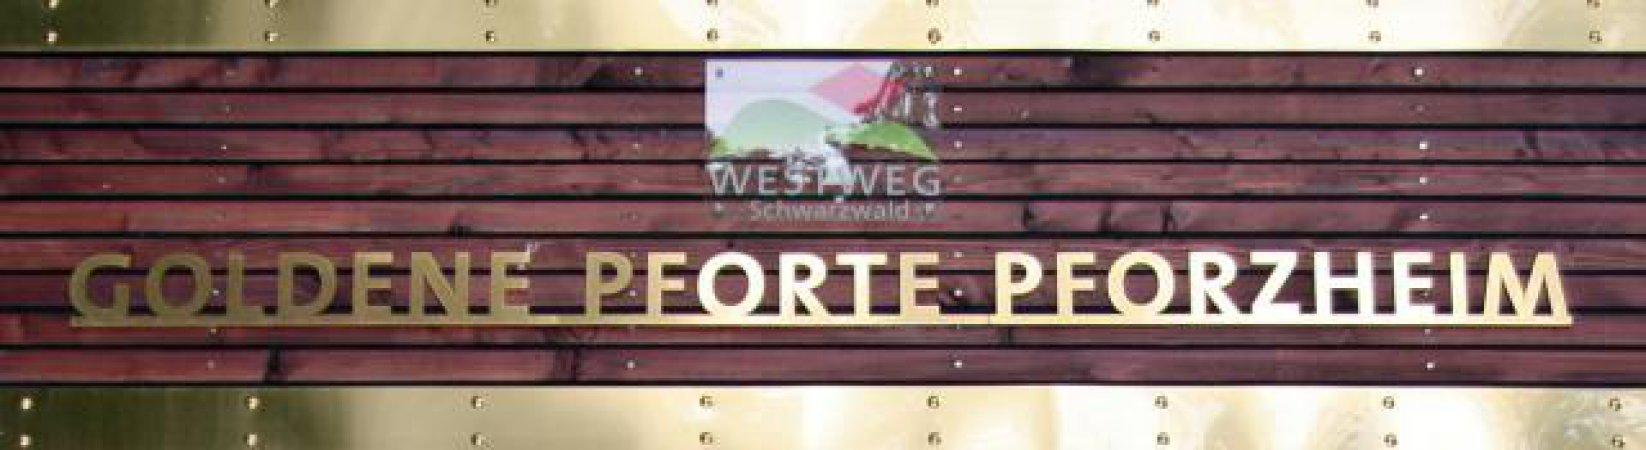 Bei der Goldenen Pforte bei Pforzheim-Kupferhammer beginnt der Westweg